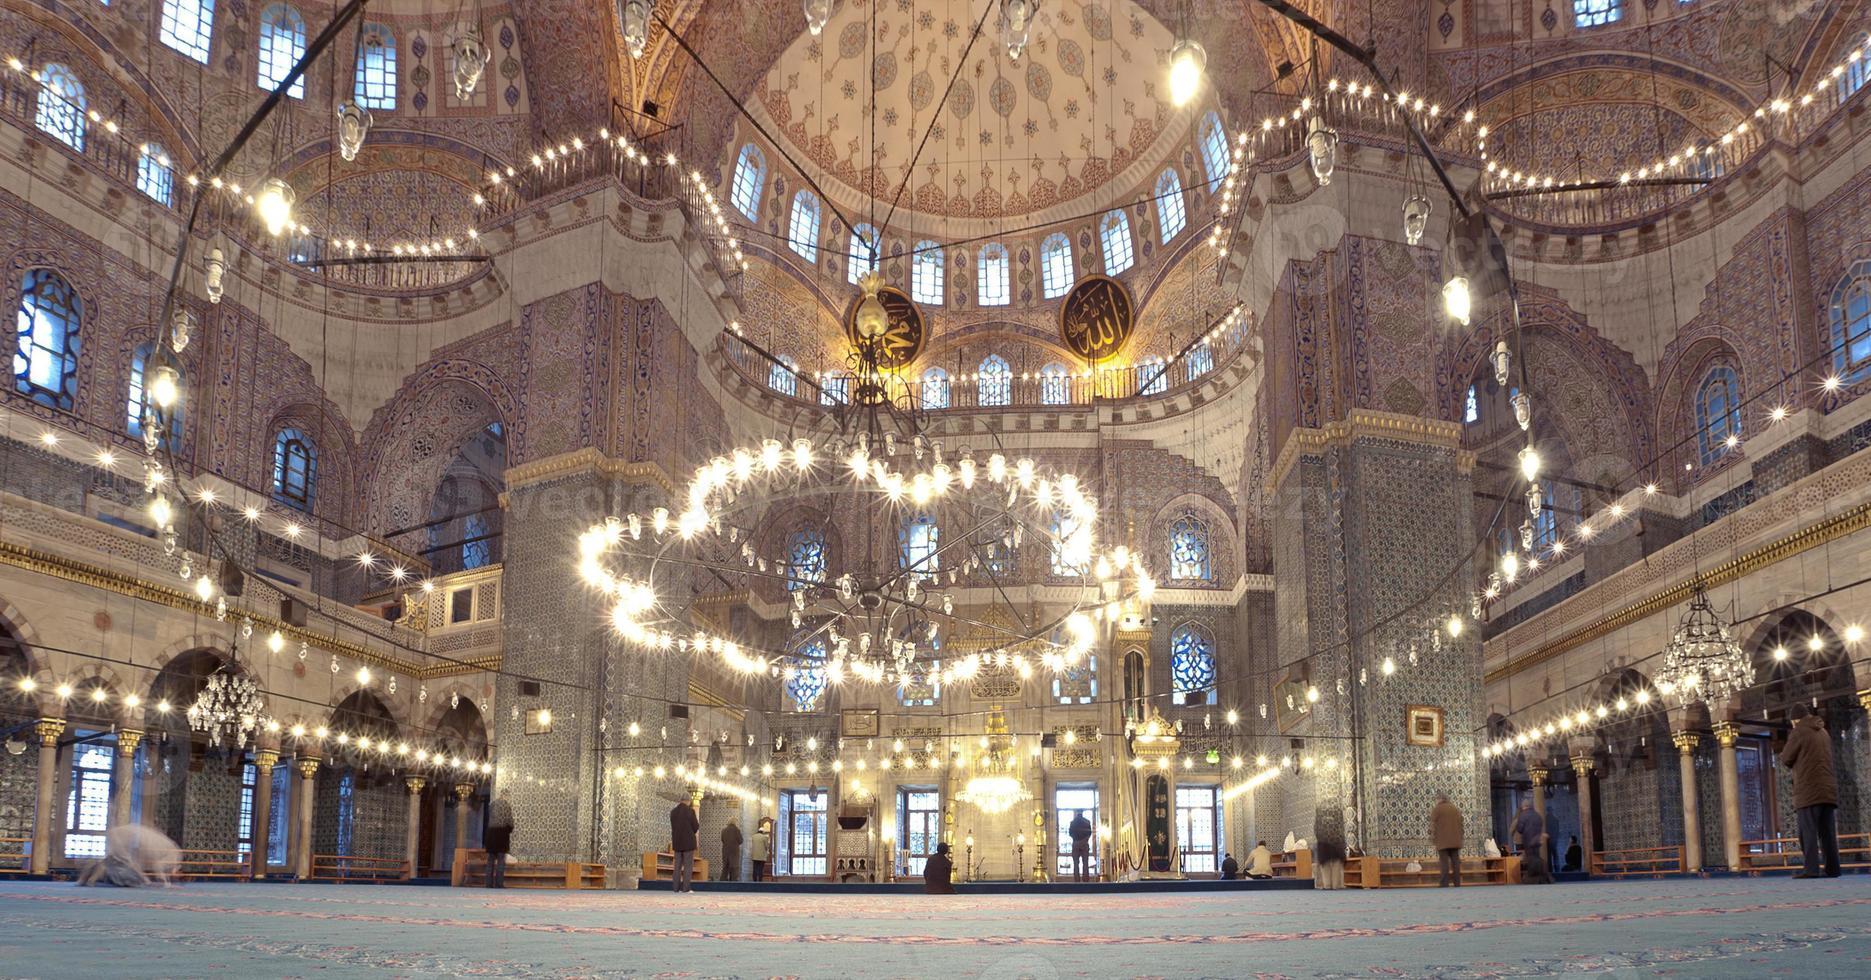 große Moschee und betende Muslime. foto